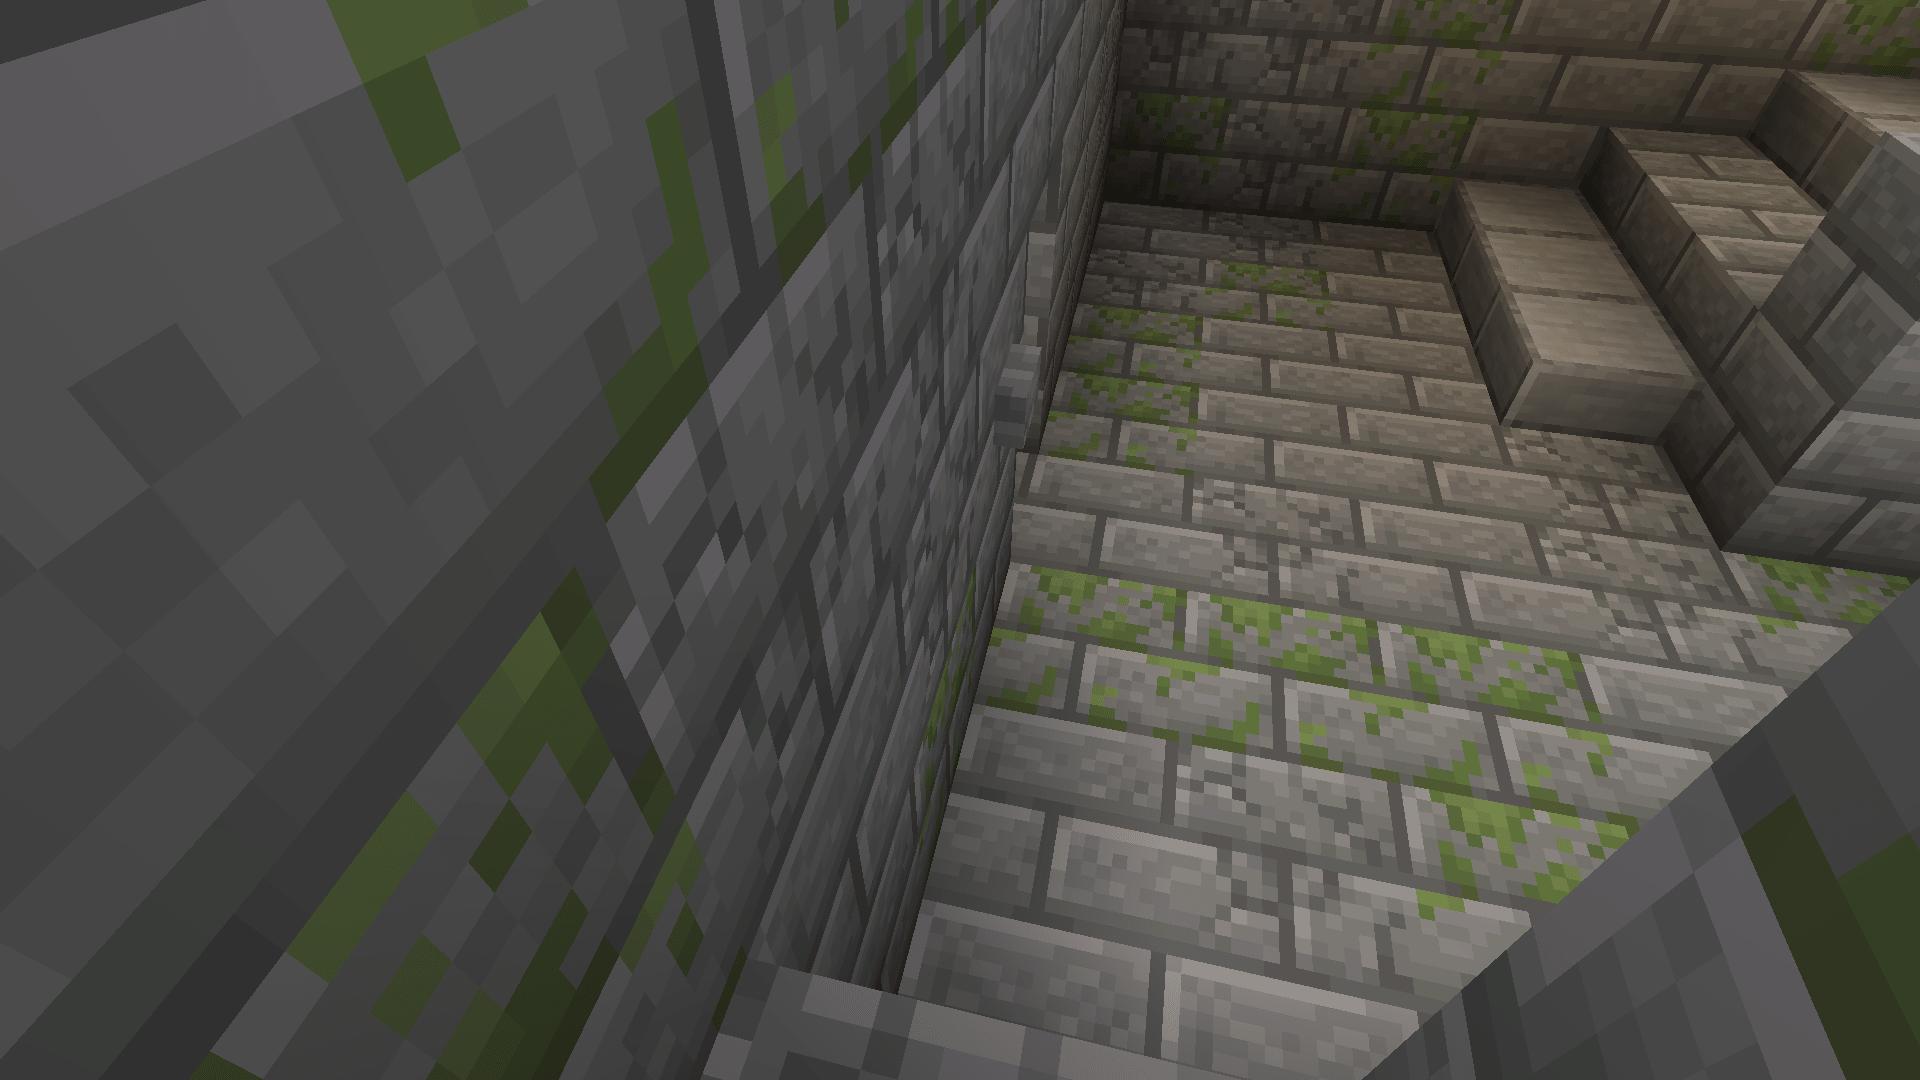 Immagine decorativa: la Stronghold, contenente il portale in Minecraft, raggiunta scavando verso il basso.